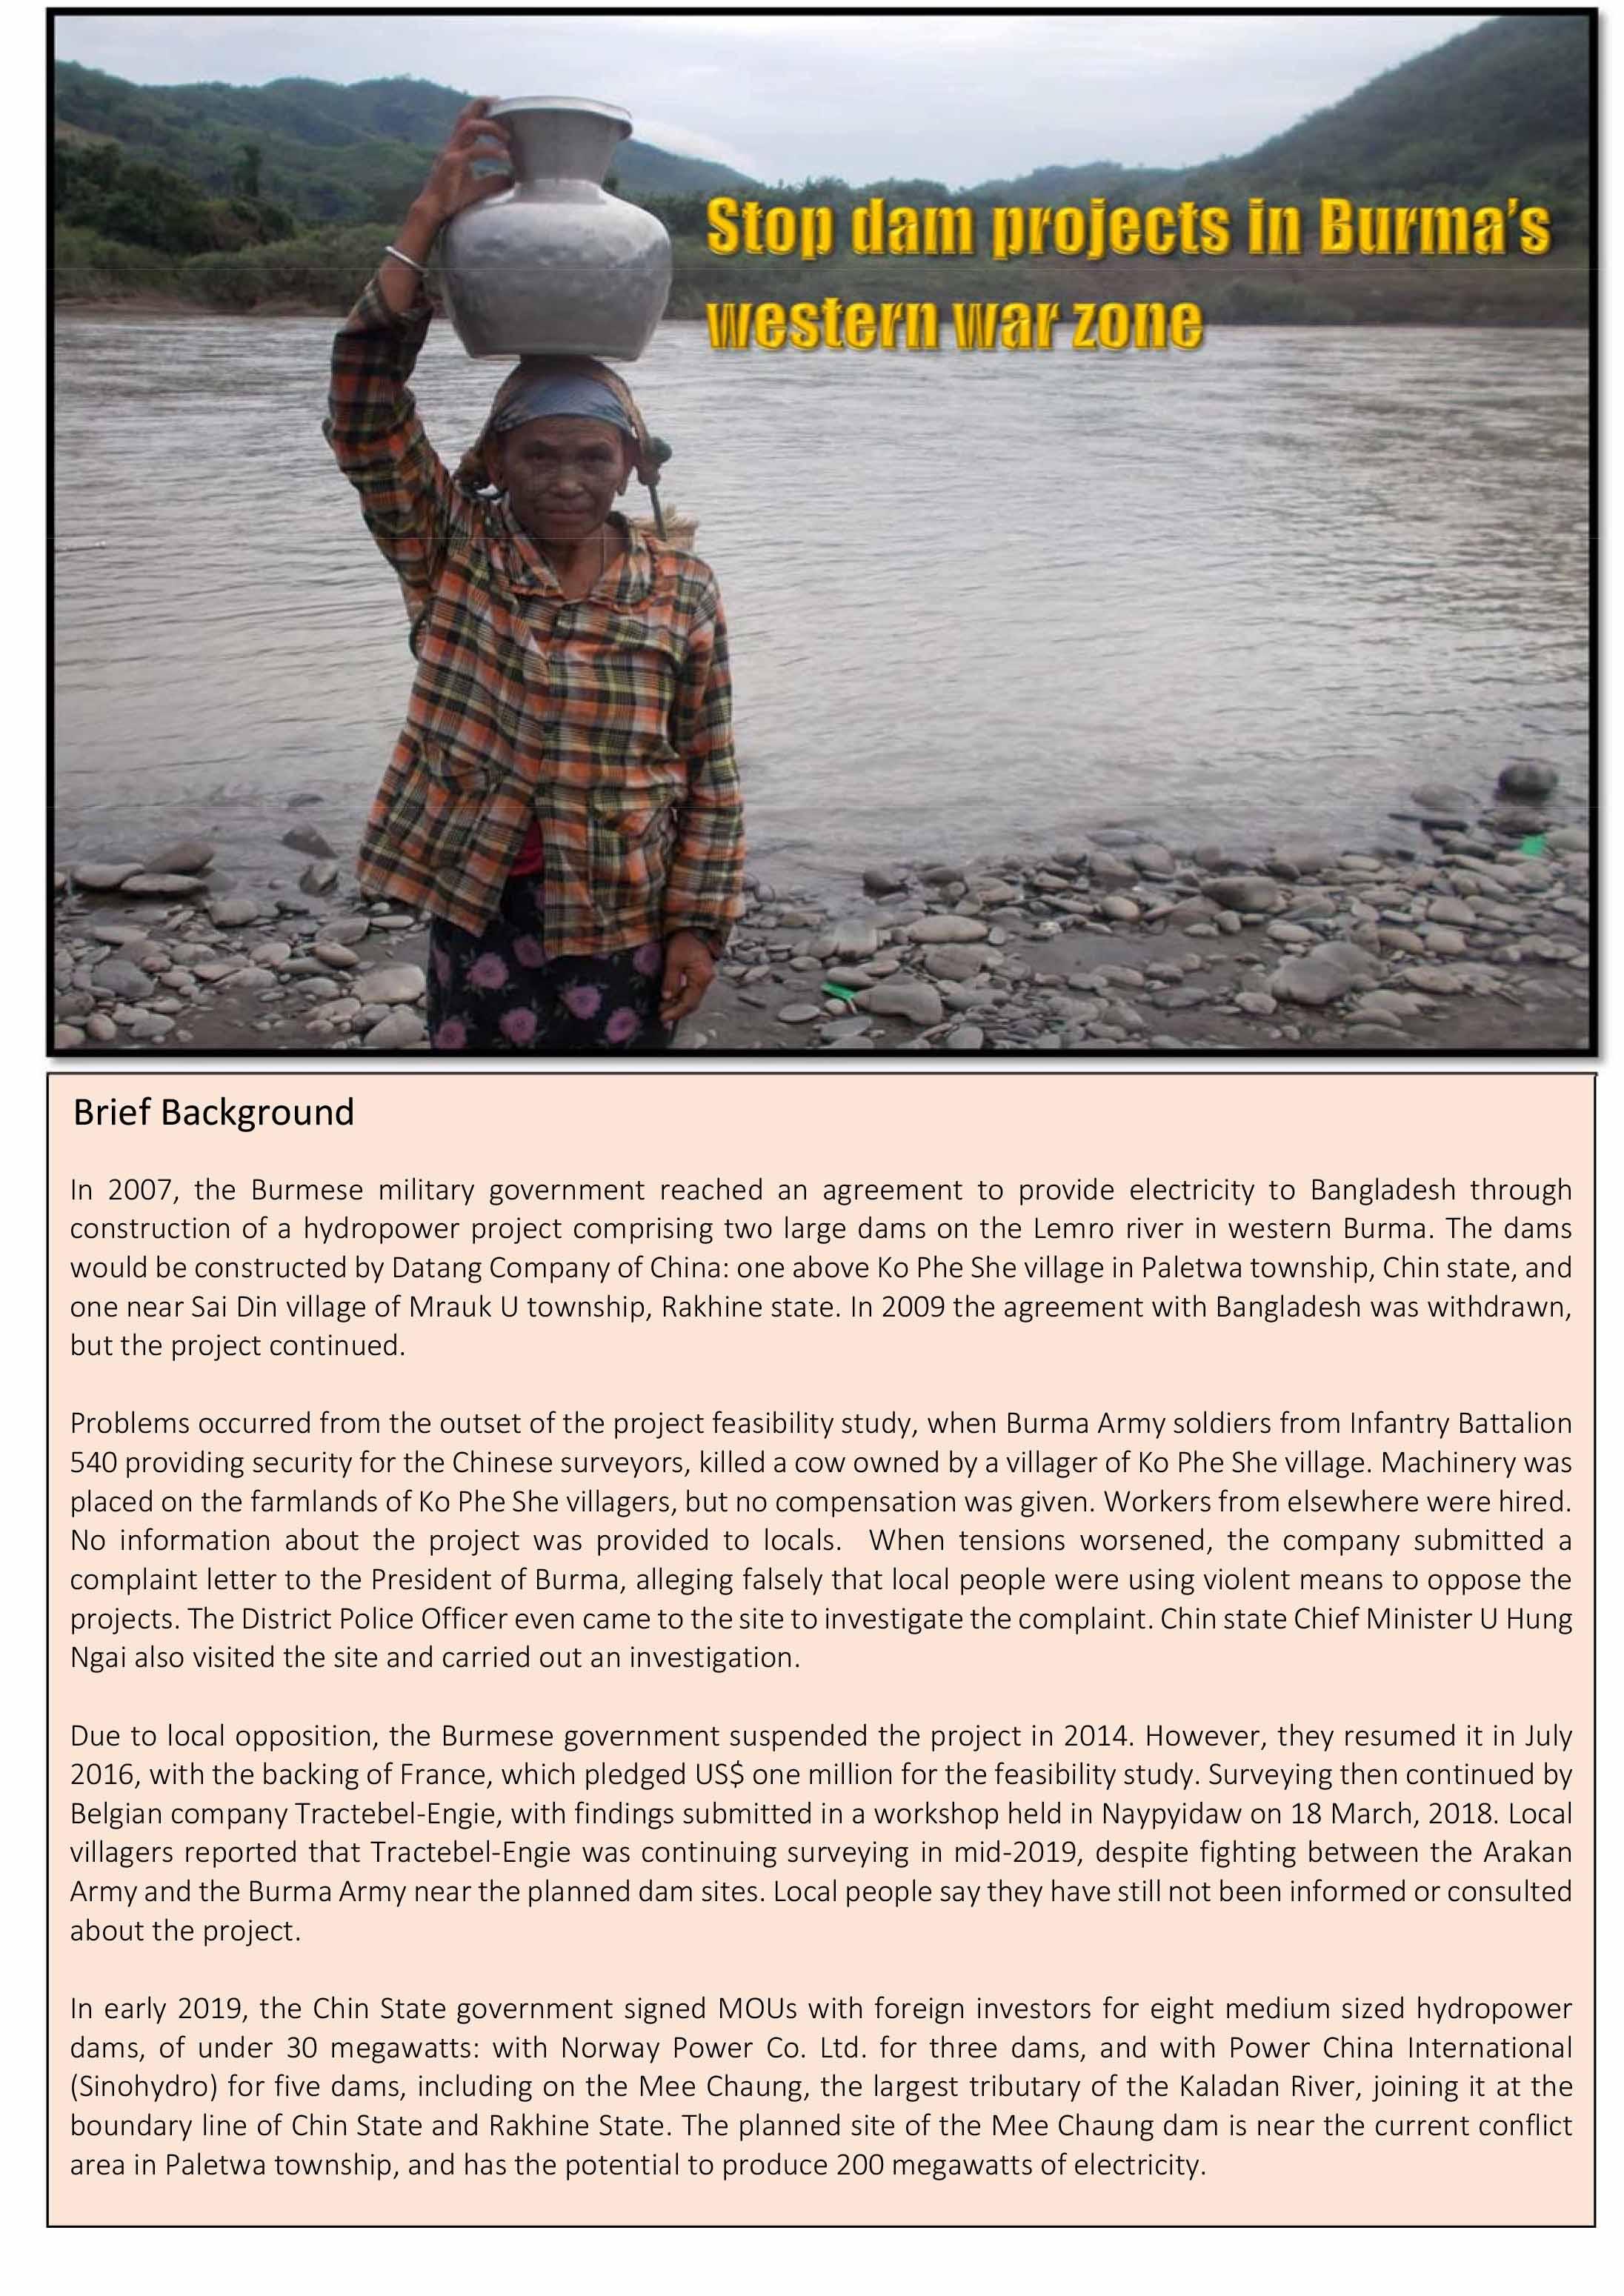 Stop Dam Projects in Burma's Western War Zone